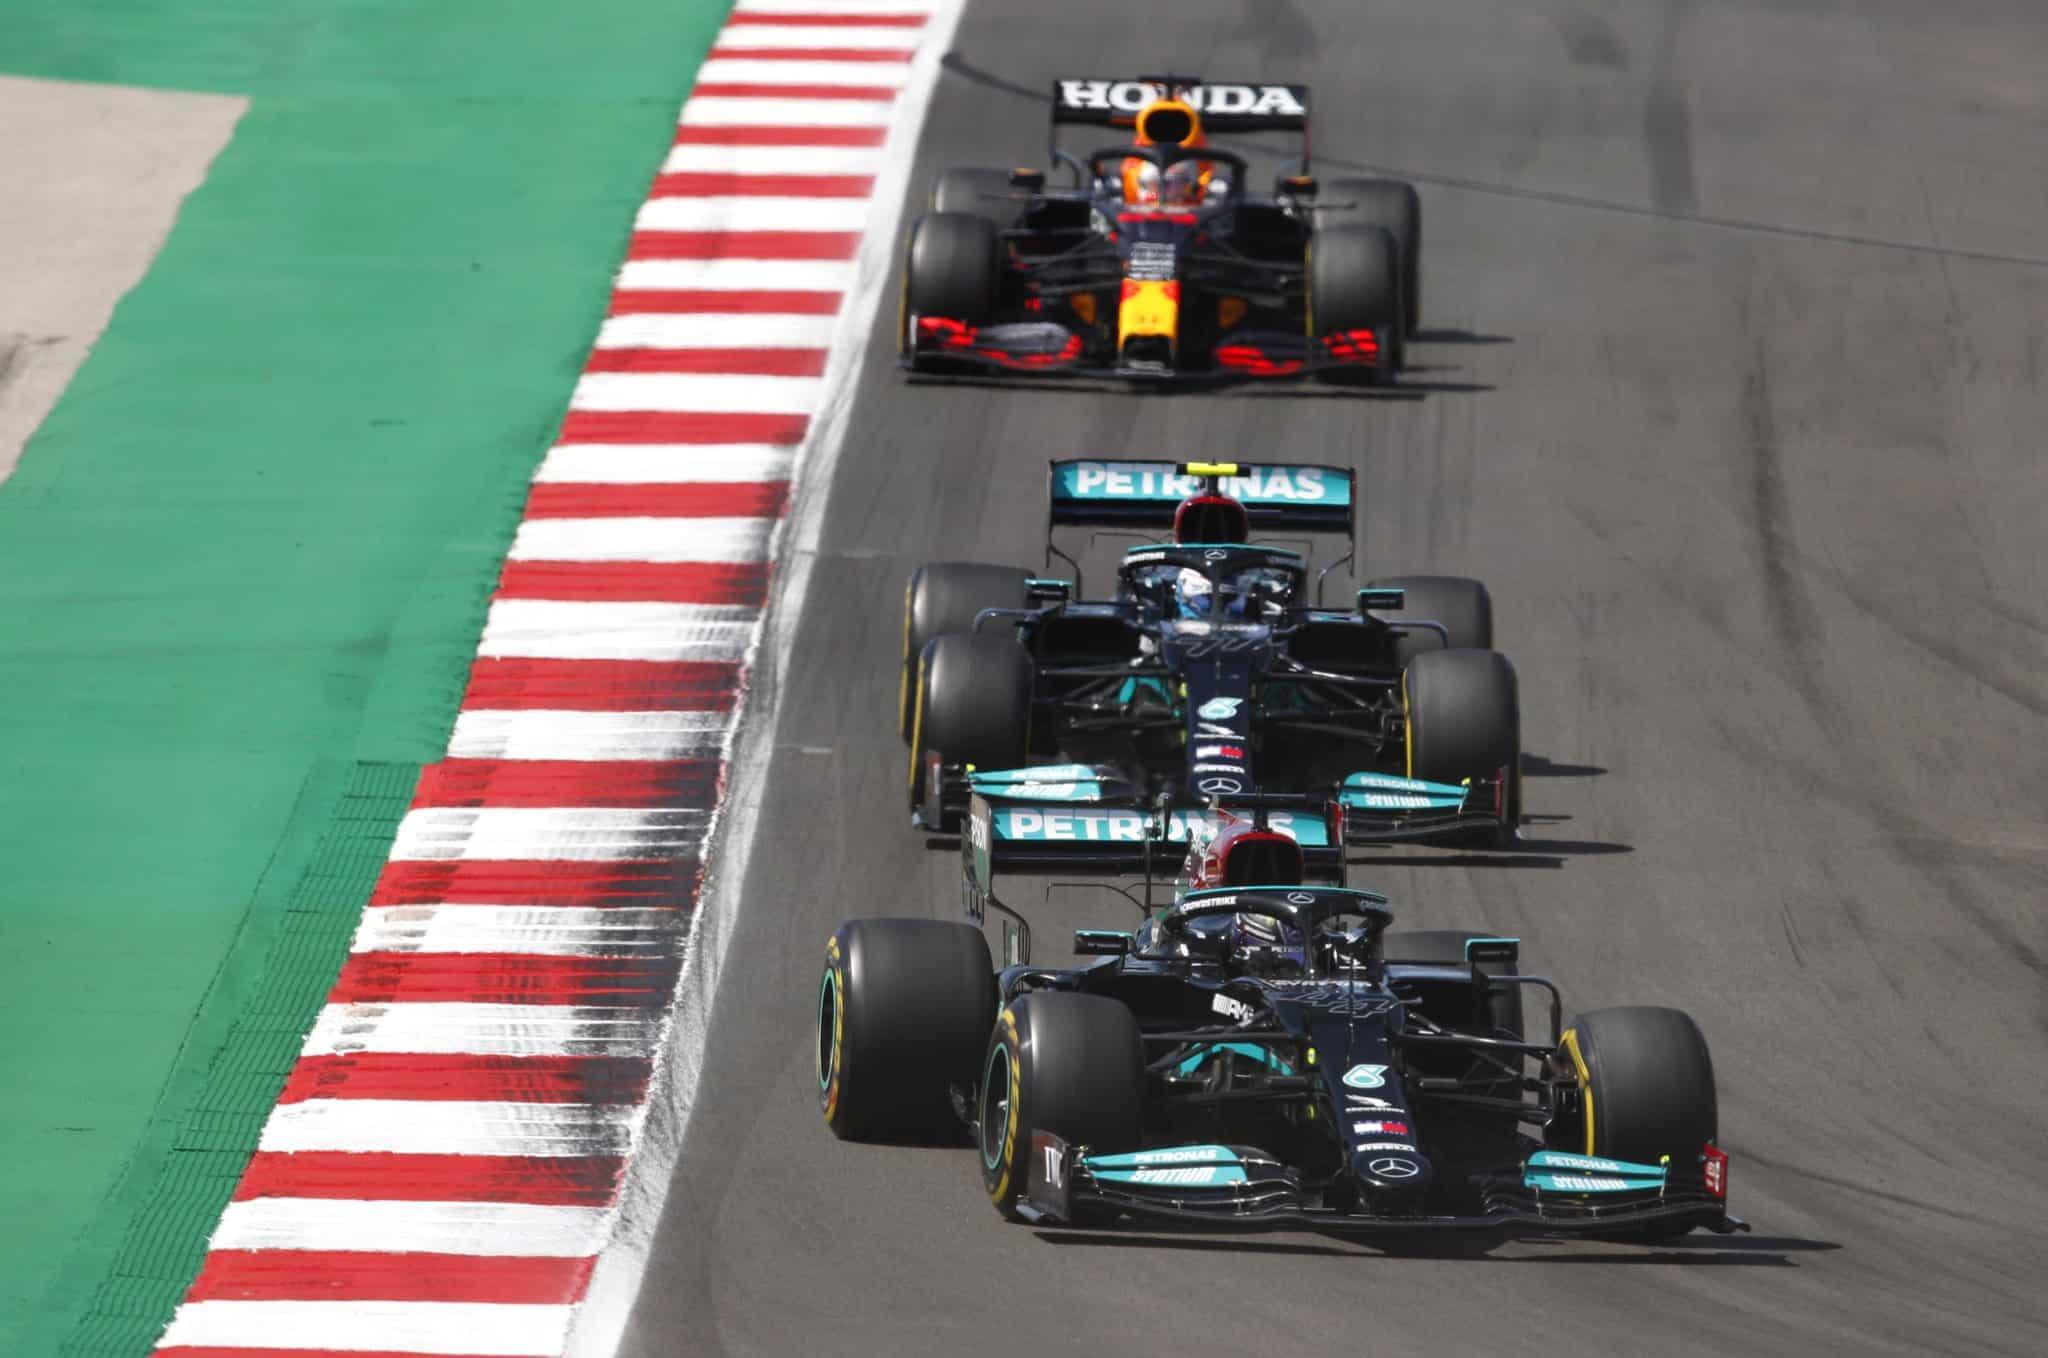 2021 Portuguese GP Hamilton Mercedes leads Bottas Mercedes Verstappen Red Bull Photo Daimler